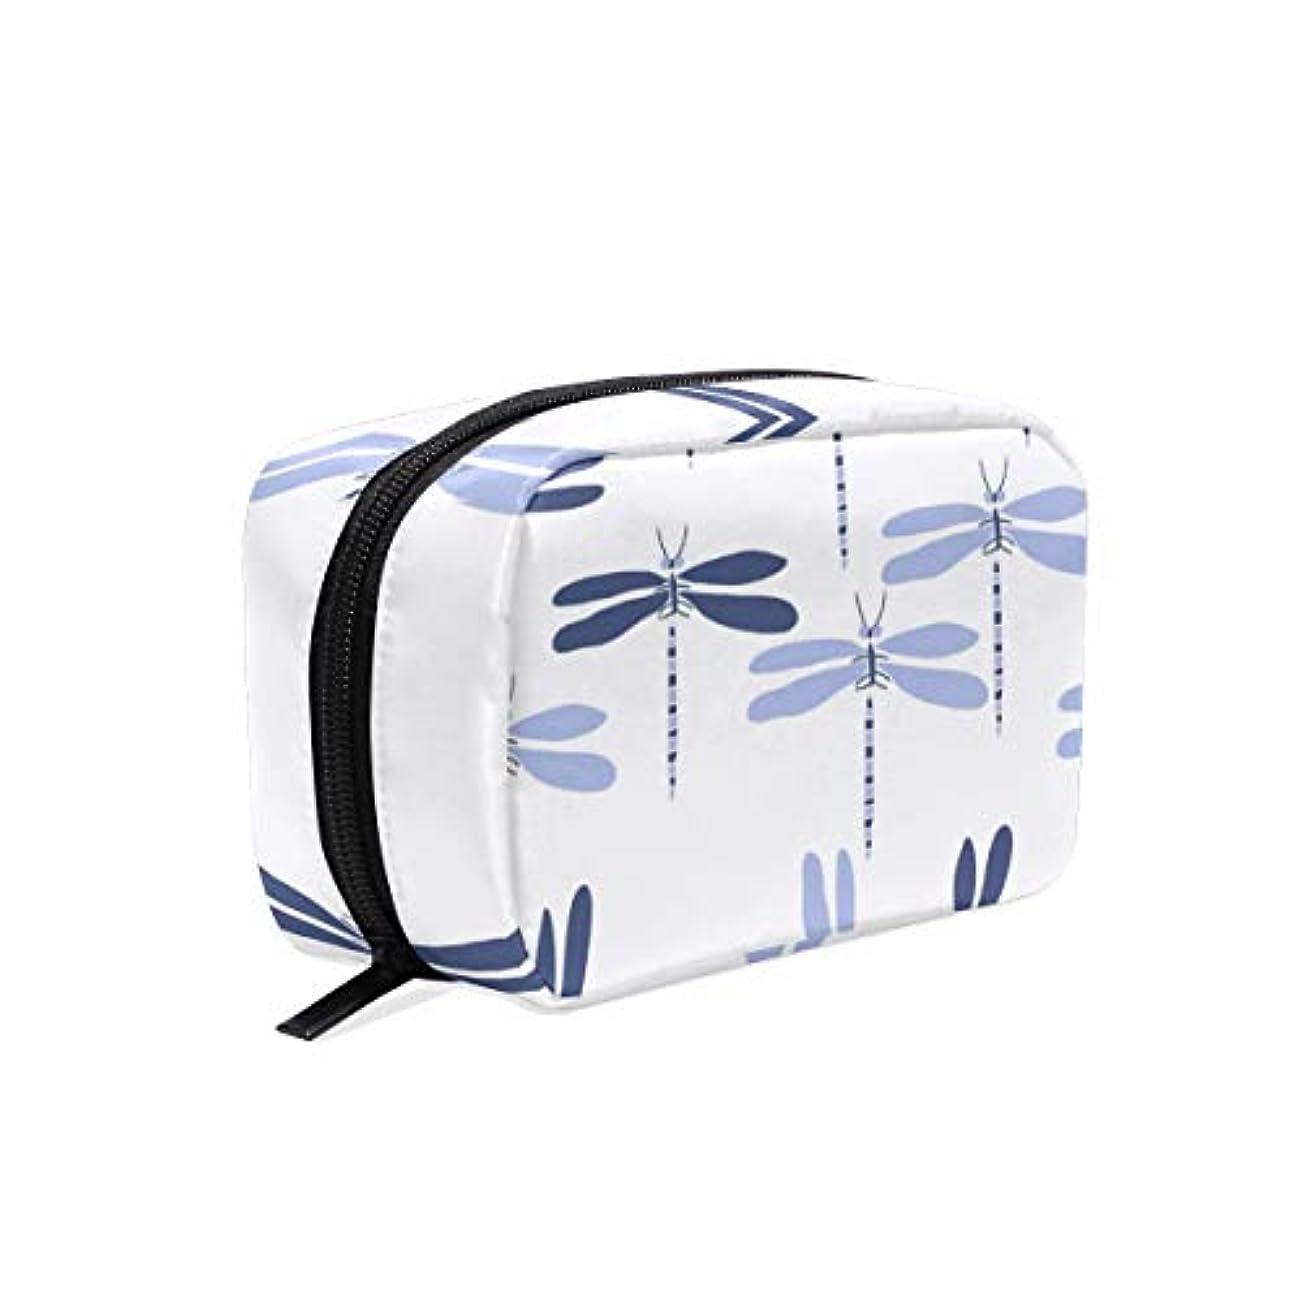 ラッカスあたり視聴者化粧品 収納バッグ コスメポーチ トンボ柄メイクボックス メイクポーチ 多機能 大容量 軽量 化粧ポーチ 小物入れ レディース用 おしゃれ 大容量 旅行出張用 持ち運び便利